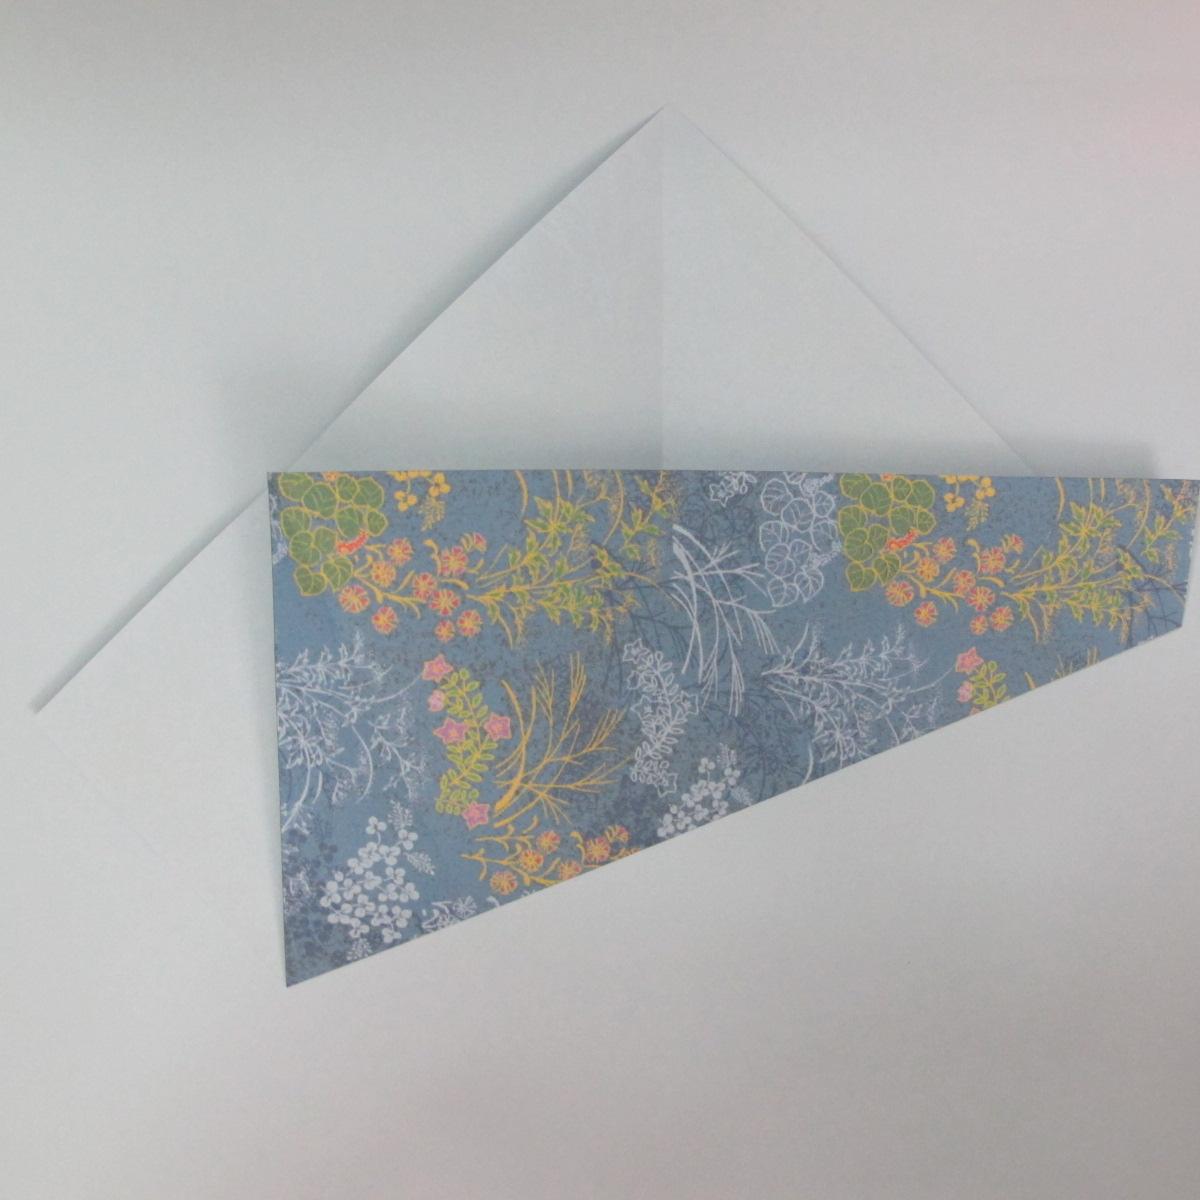 วิธีการพับกระดาษเป็นรูปม้า (Origami Horse) 005